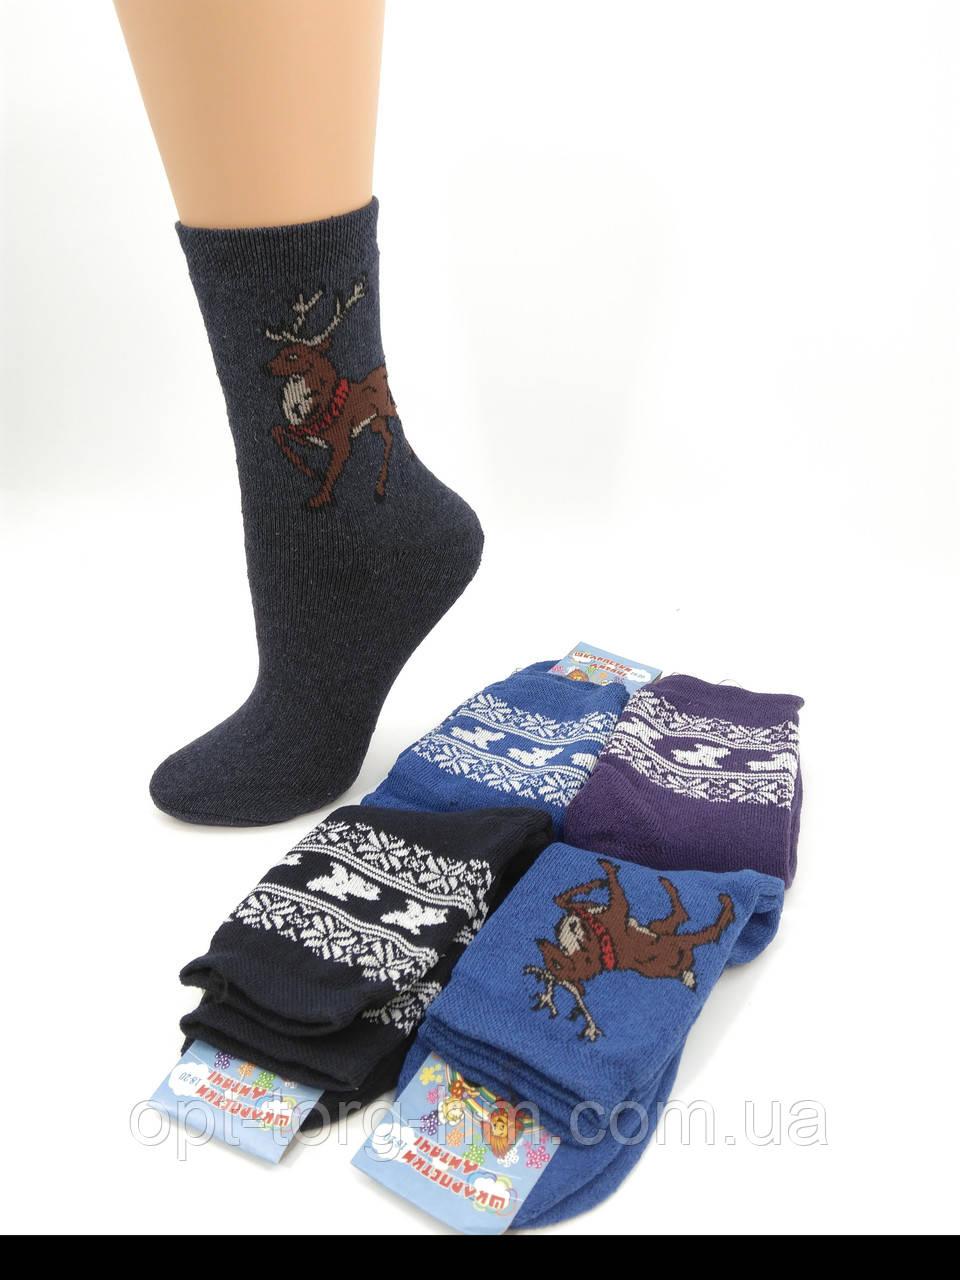 Махровые детские носки Ассорти 18-20 (28-32 обувь)